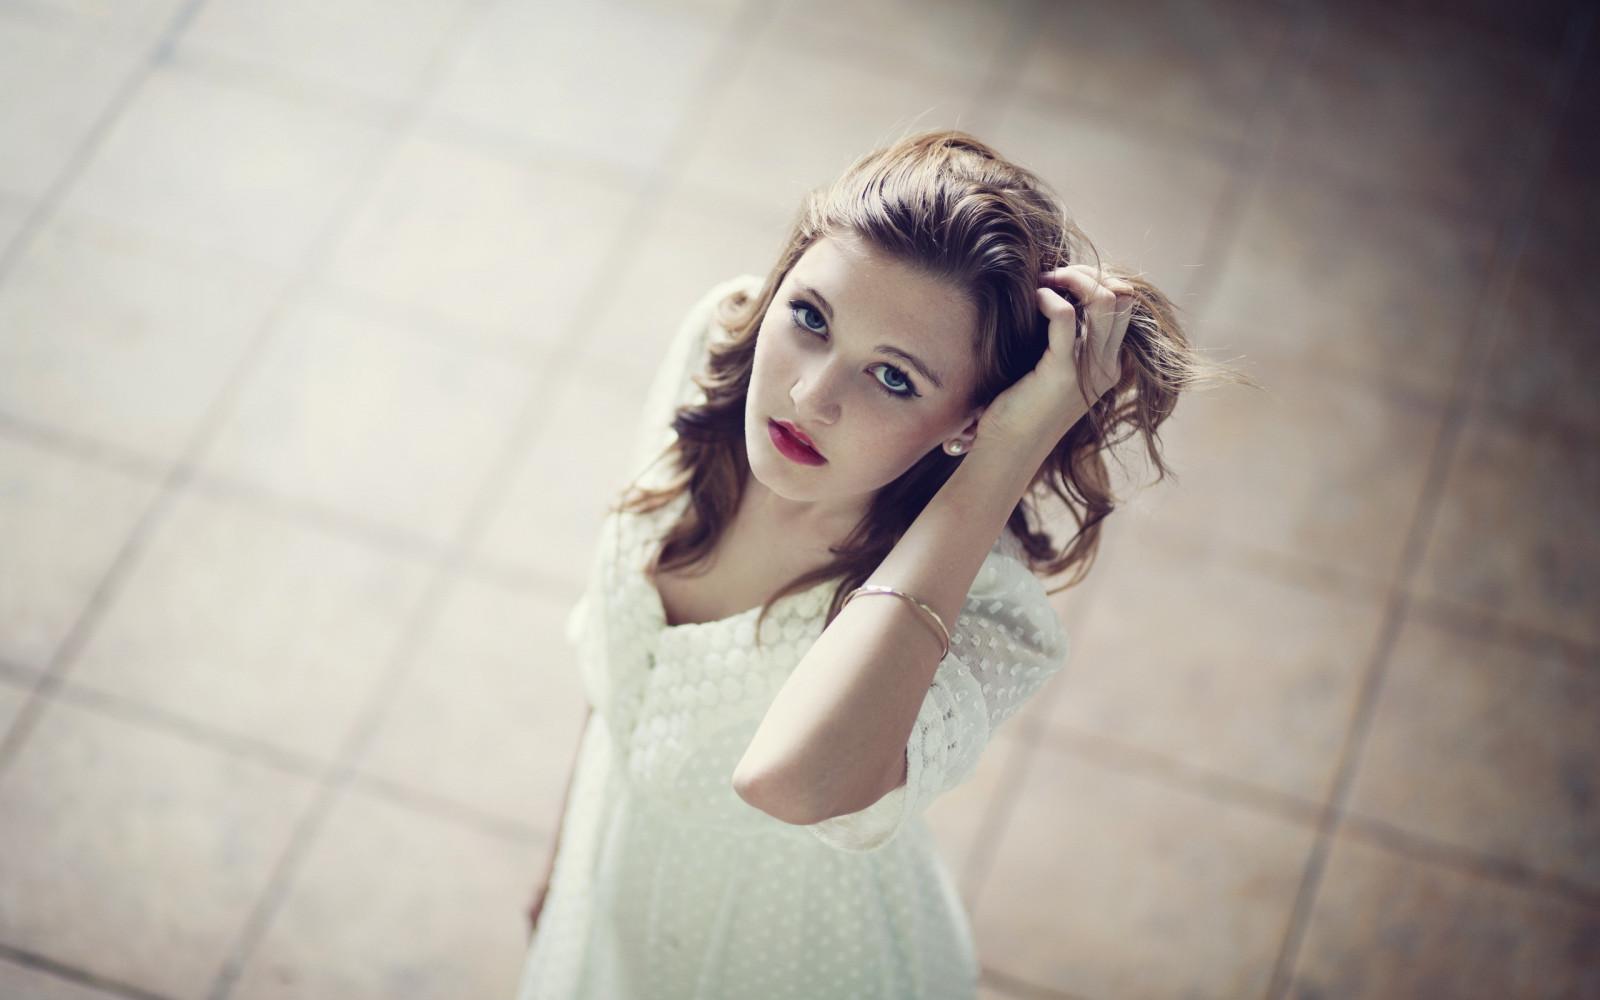 long hair #portrait #face #women #model #brunette hands on